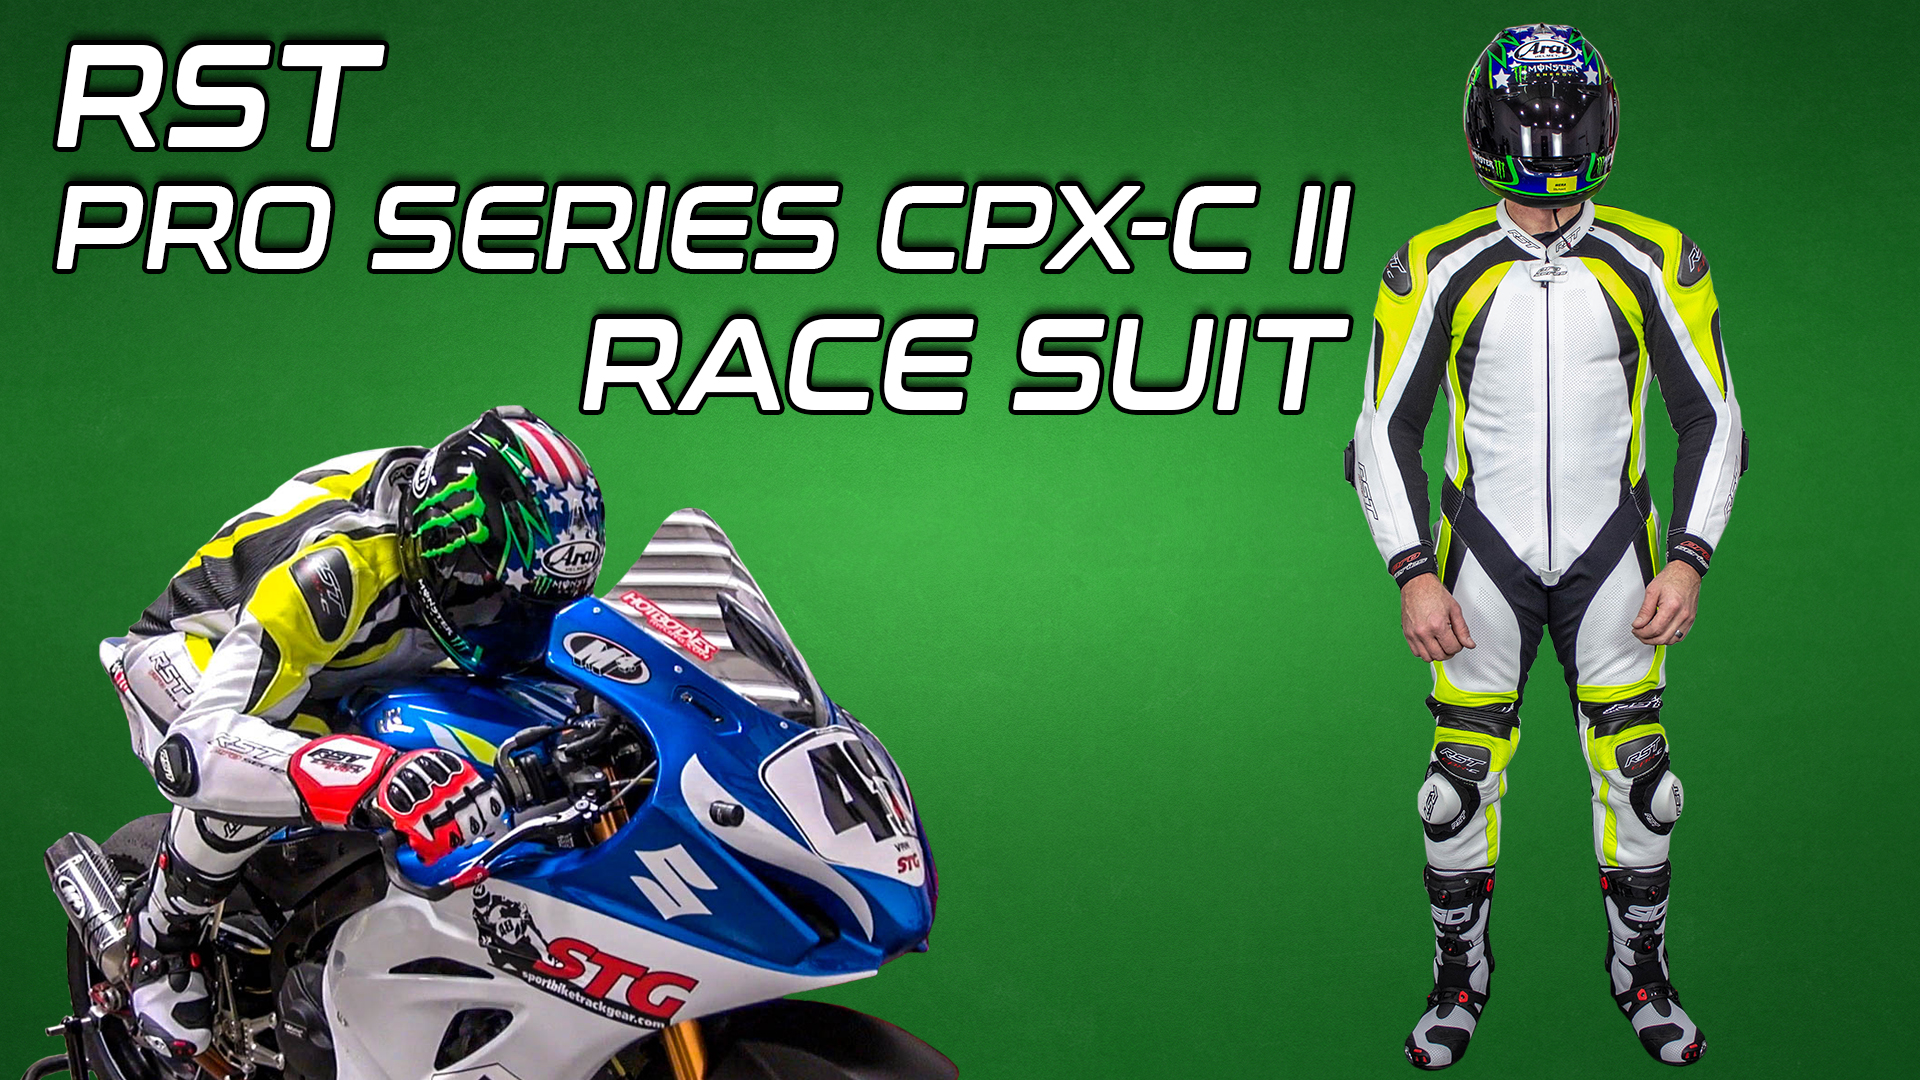 RST Pro Series CPX-C II Race Suit